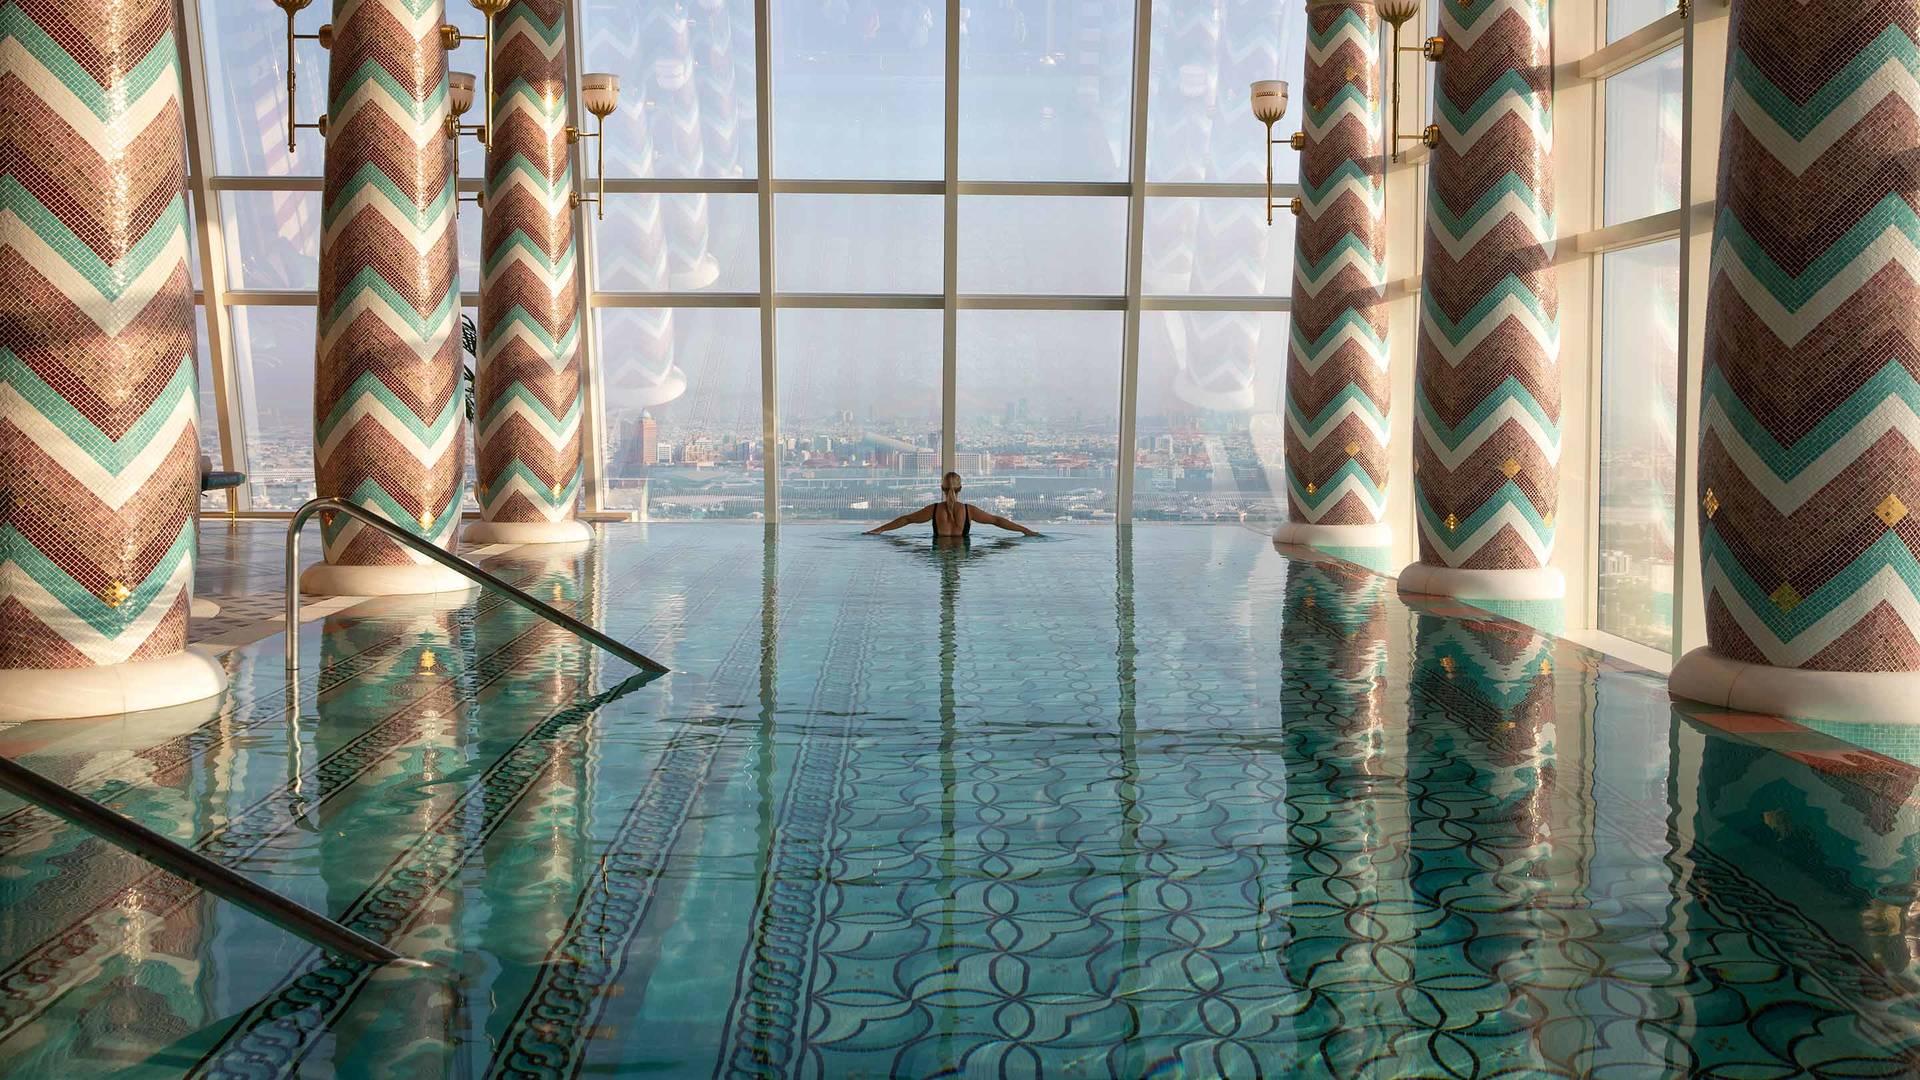 برج العرب جميرا، حمام السباحة 3 بمنتجع تاليس سبا الصحي_6-4